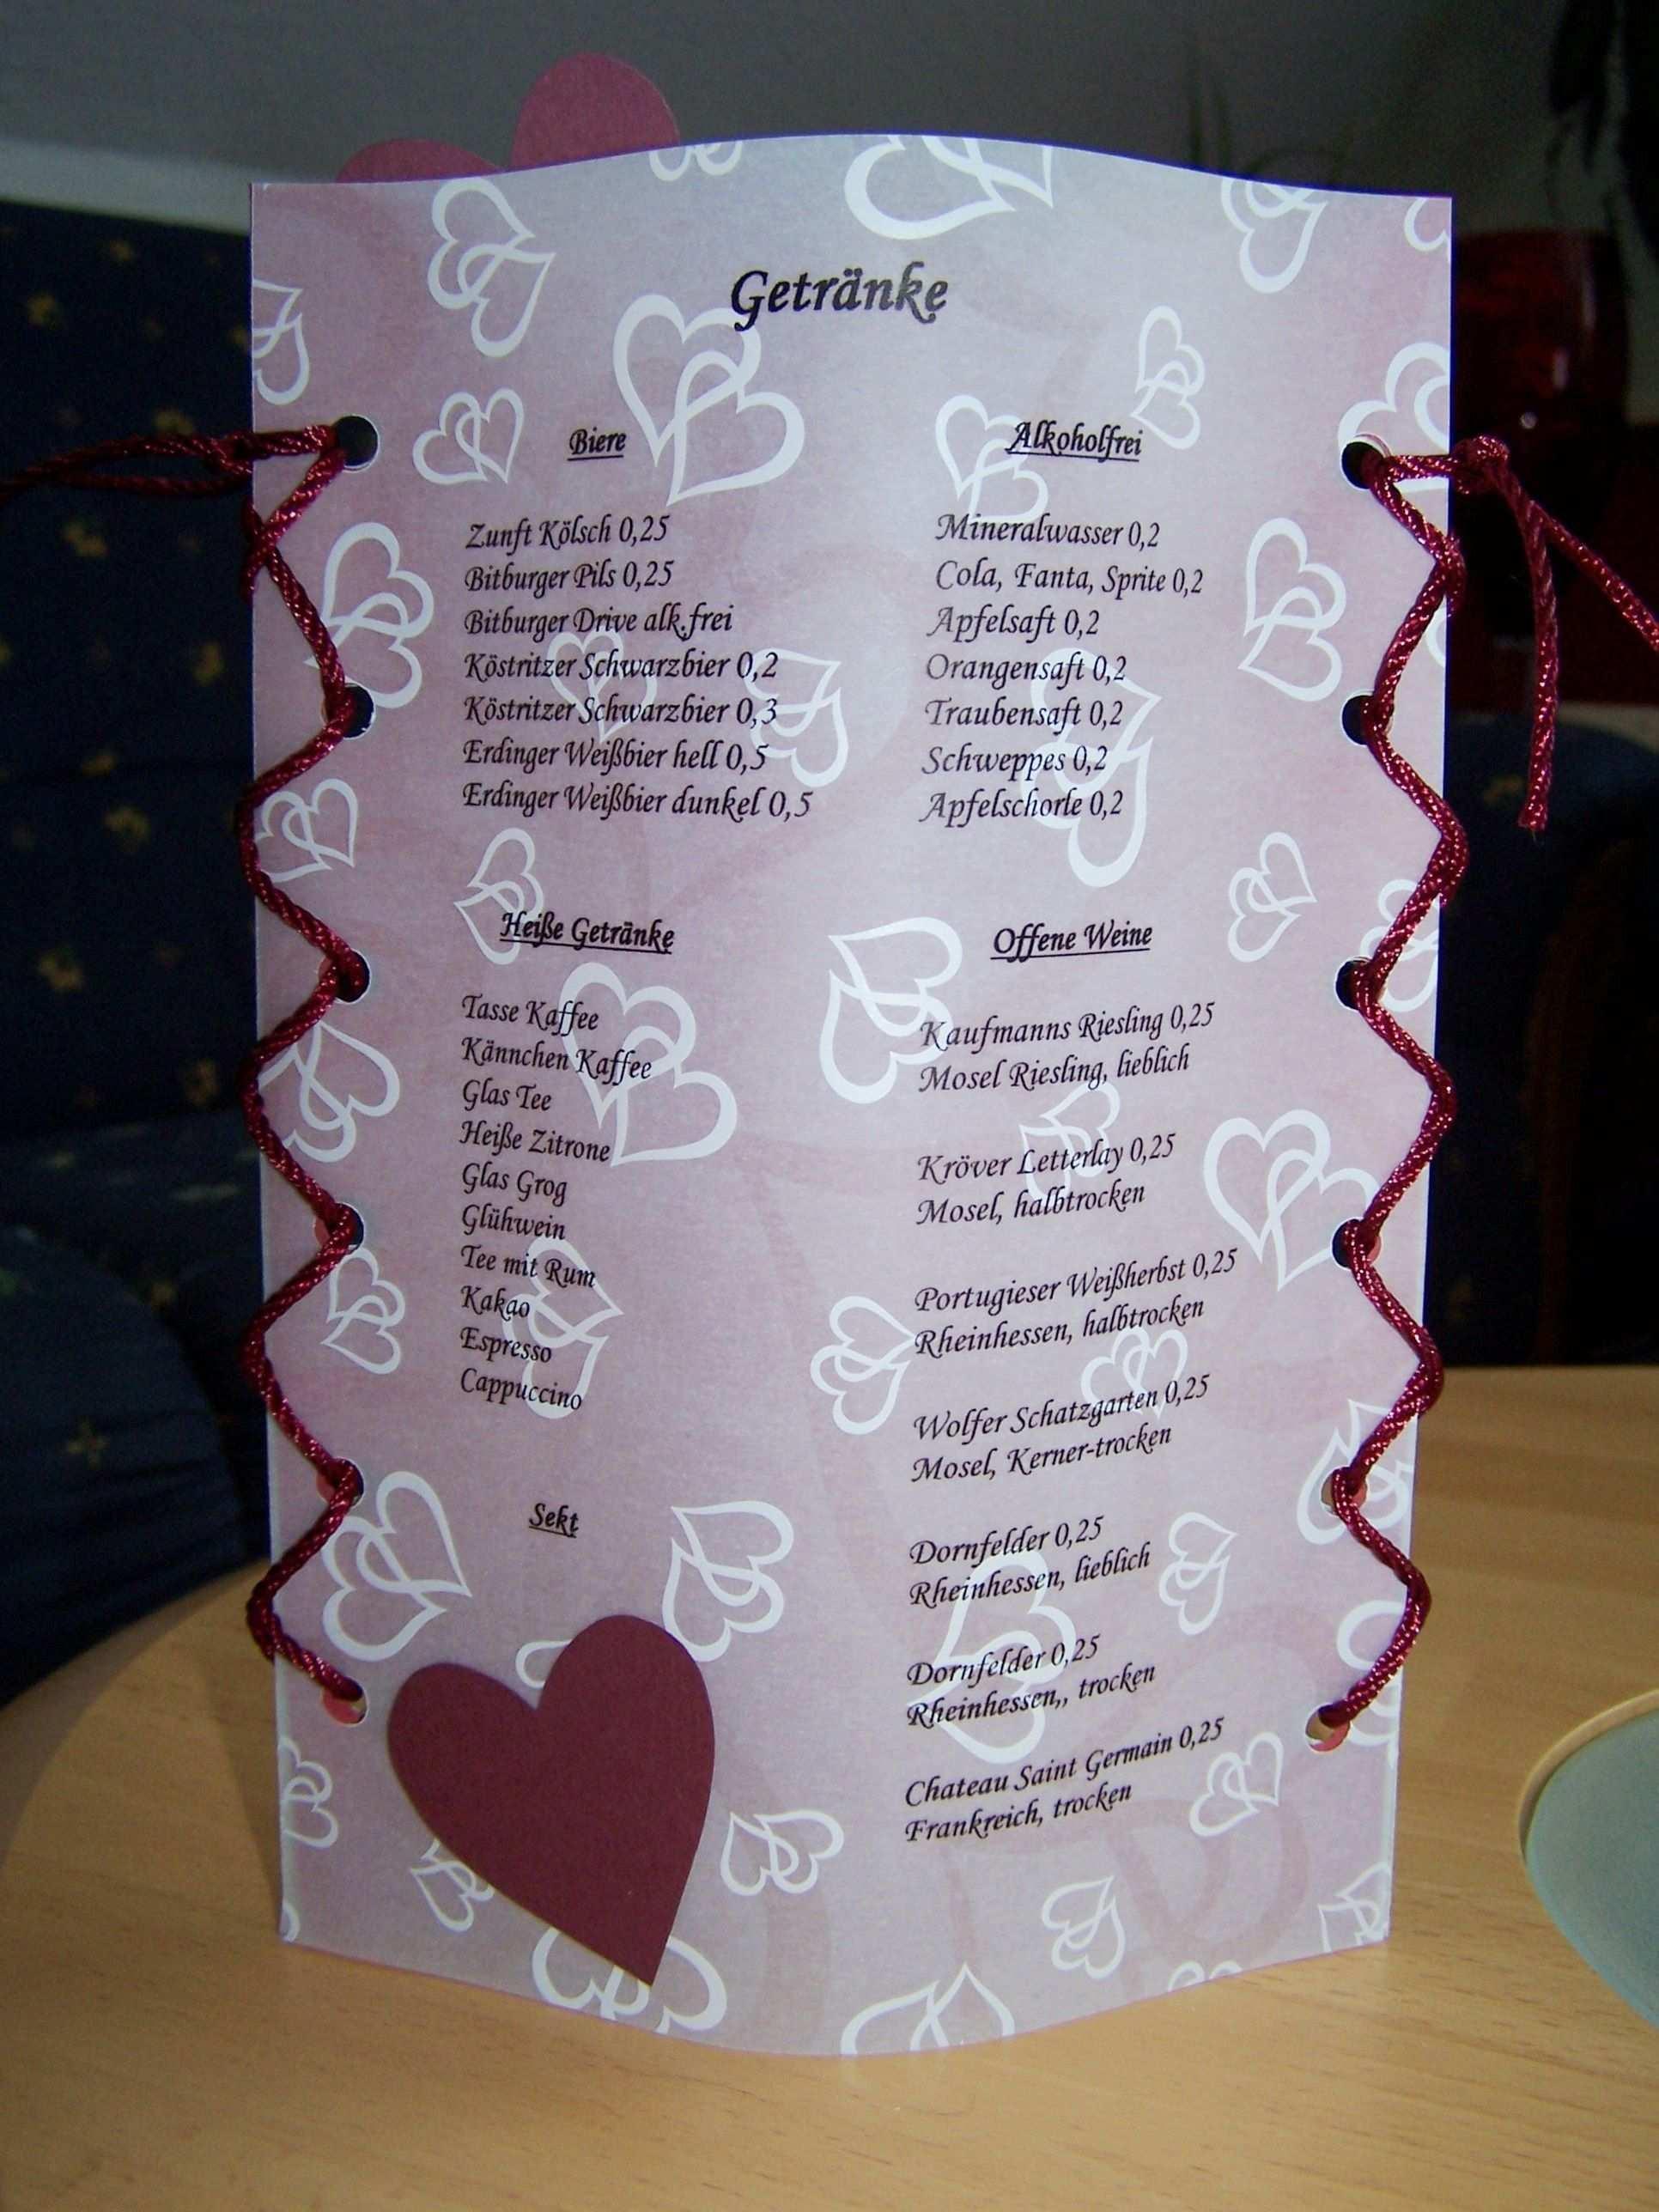 Idee Fur Menu Und Getrankekarten Zur Hochzeit Creadoo Com Getrankekarte Hochzeit Getranke Karte Getranke